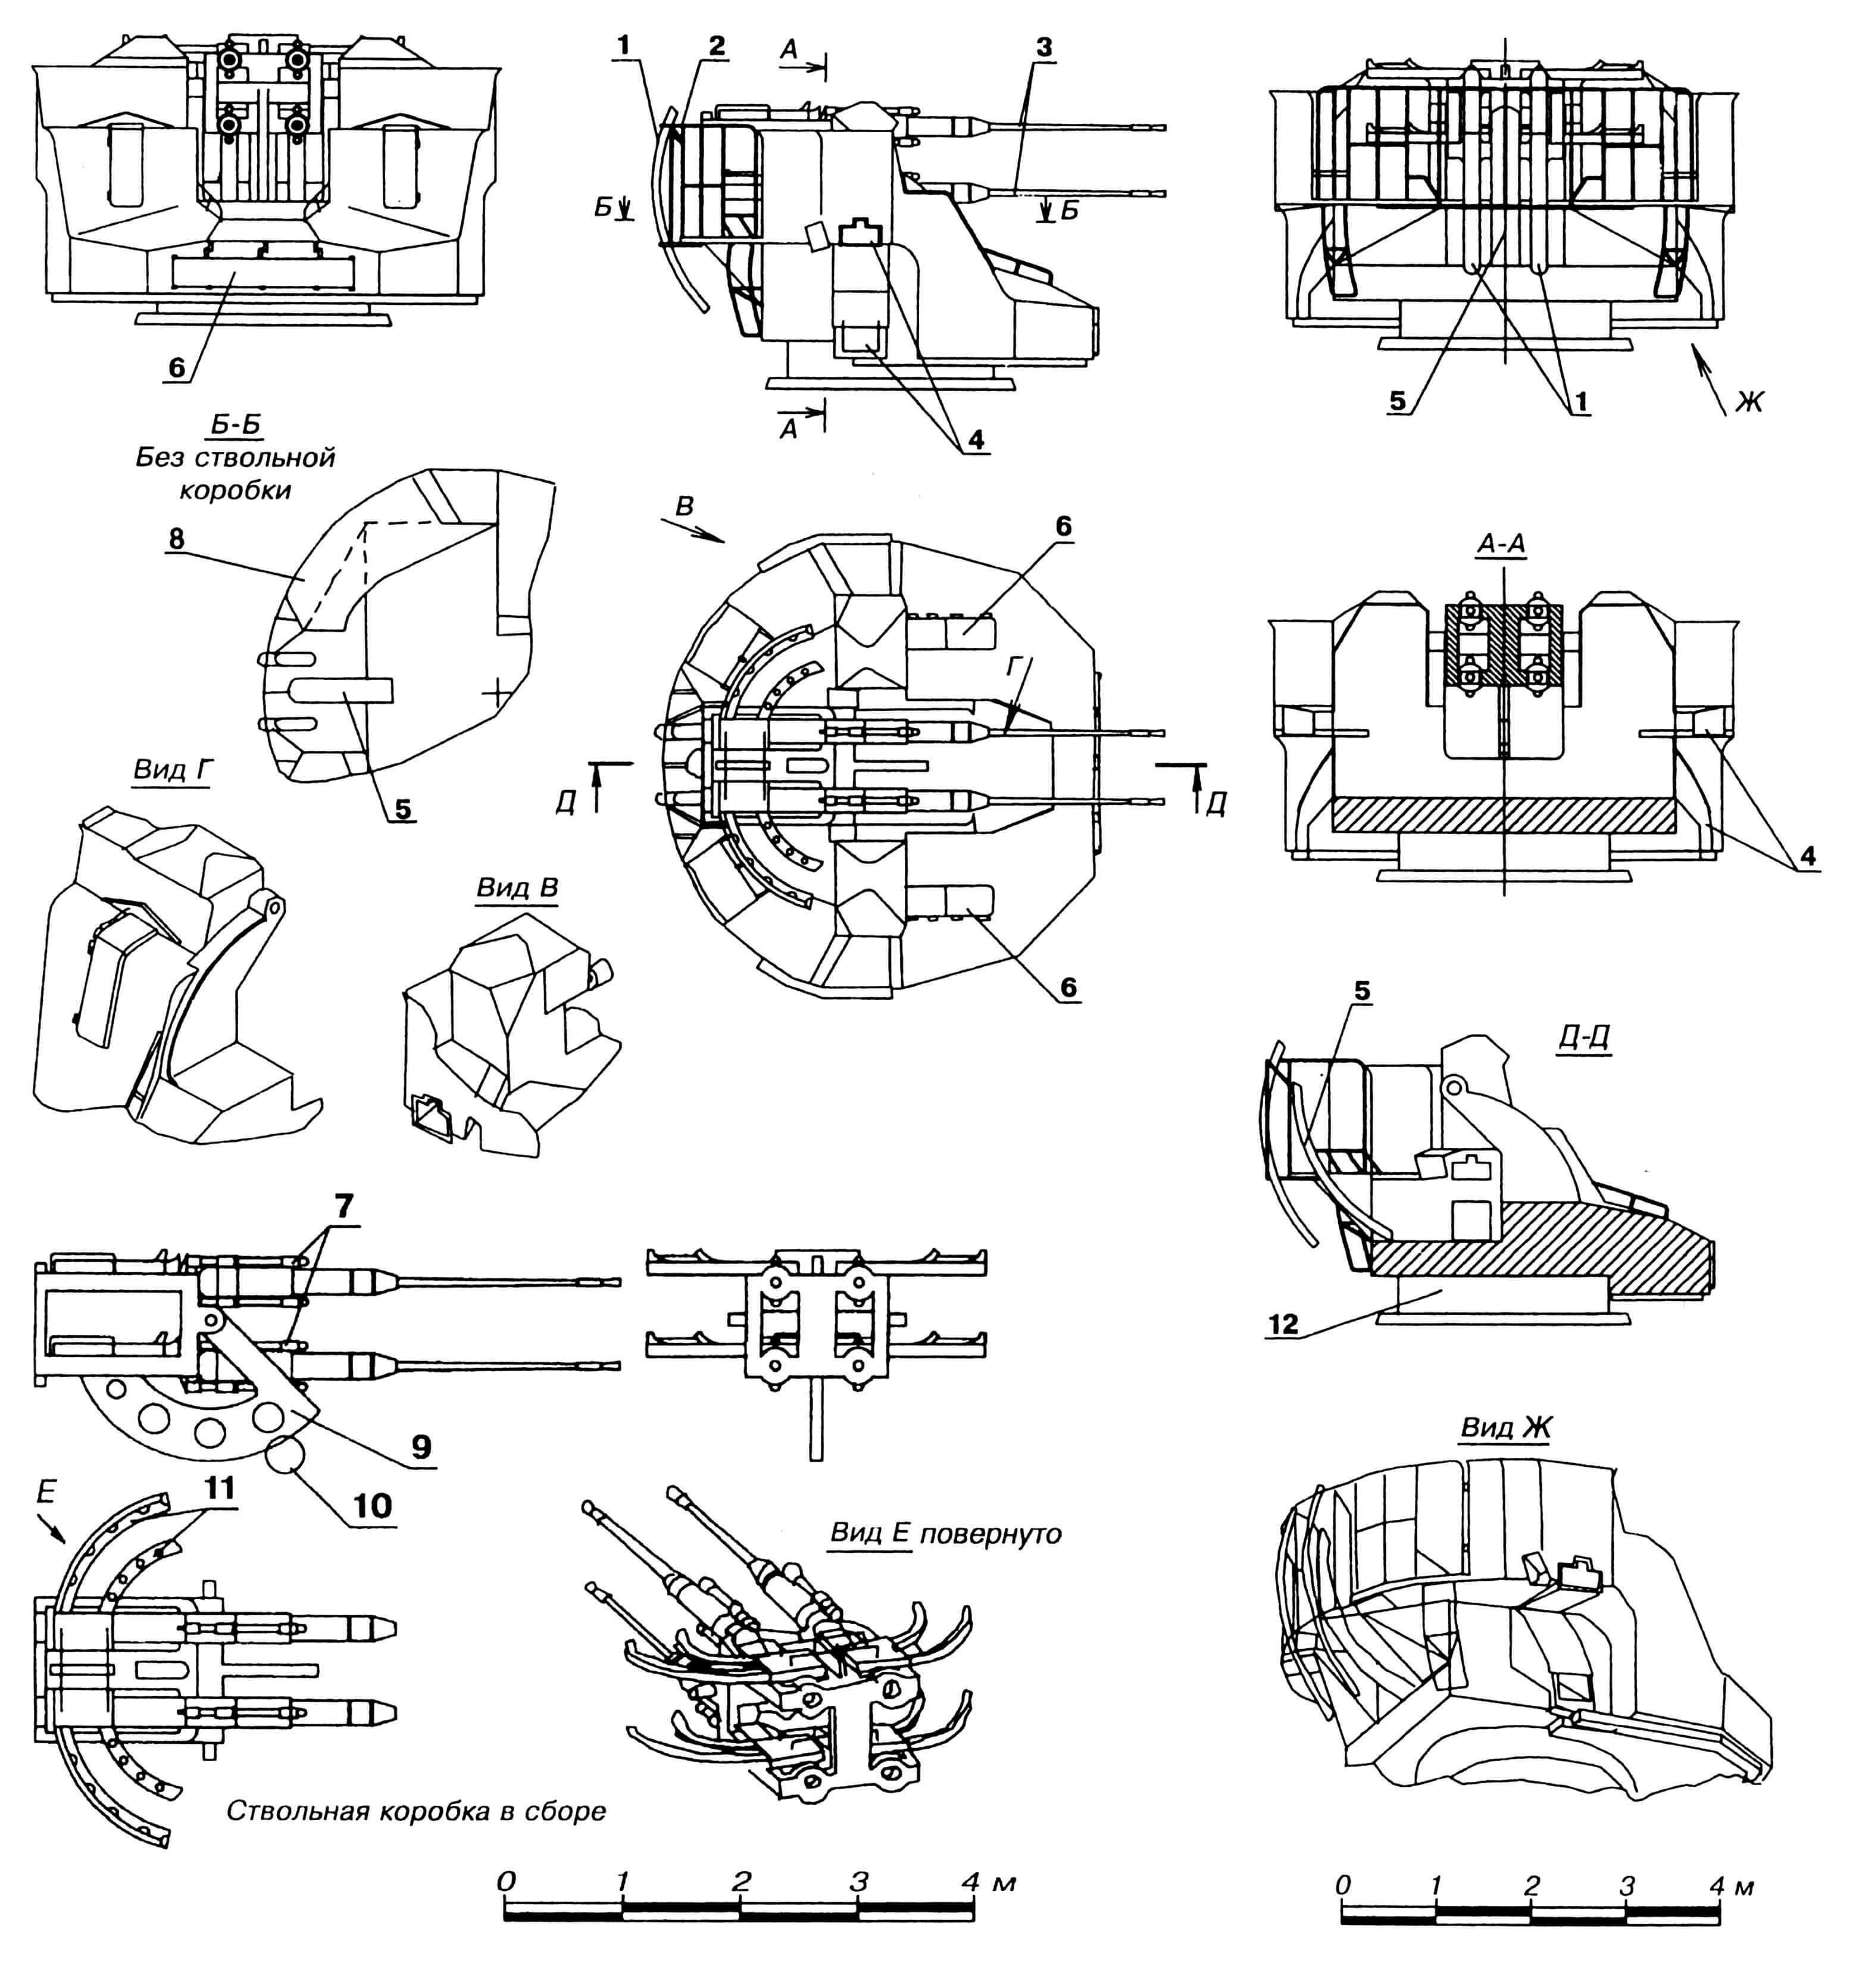 Артиллерийская установка СМ-20-ЗИФ: 1 — отражатель; 2 — поручень; 3 — стволы; 4 — гильзоуловители; 5 — защита механизма вертикальной наводки; 6 — люки технического обслуживания; 7 — амортизаторы; 8 — настил; 9 — сегмент зубчатый механизма вертикальной наводки; 10 — шестерня зубчатая механизма вертикальной наводки; 11 — направляющие подачи снарядов; 12 — барбет.